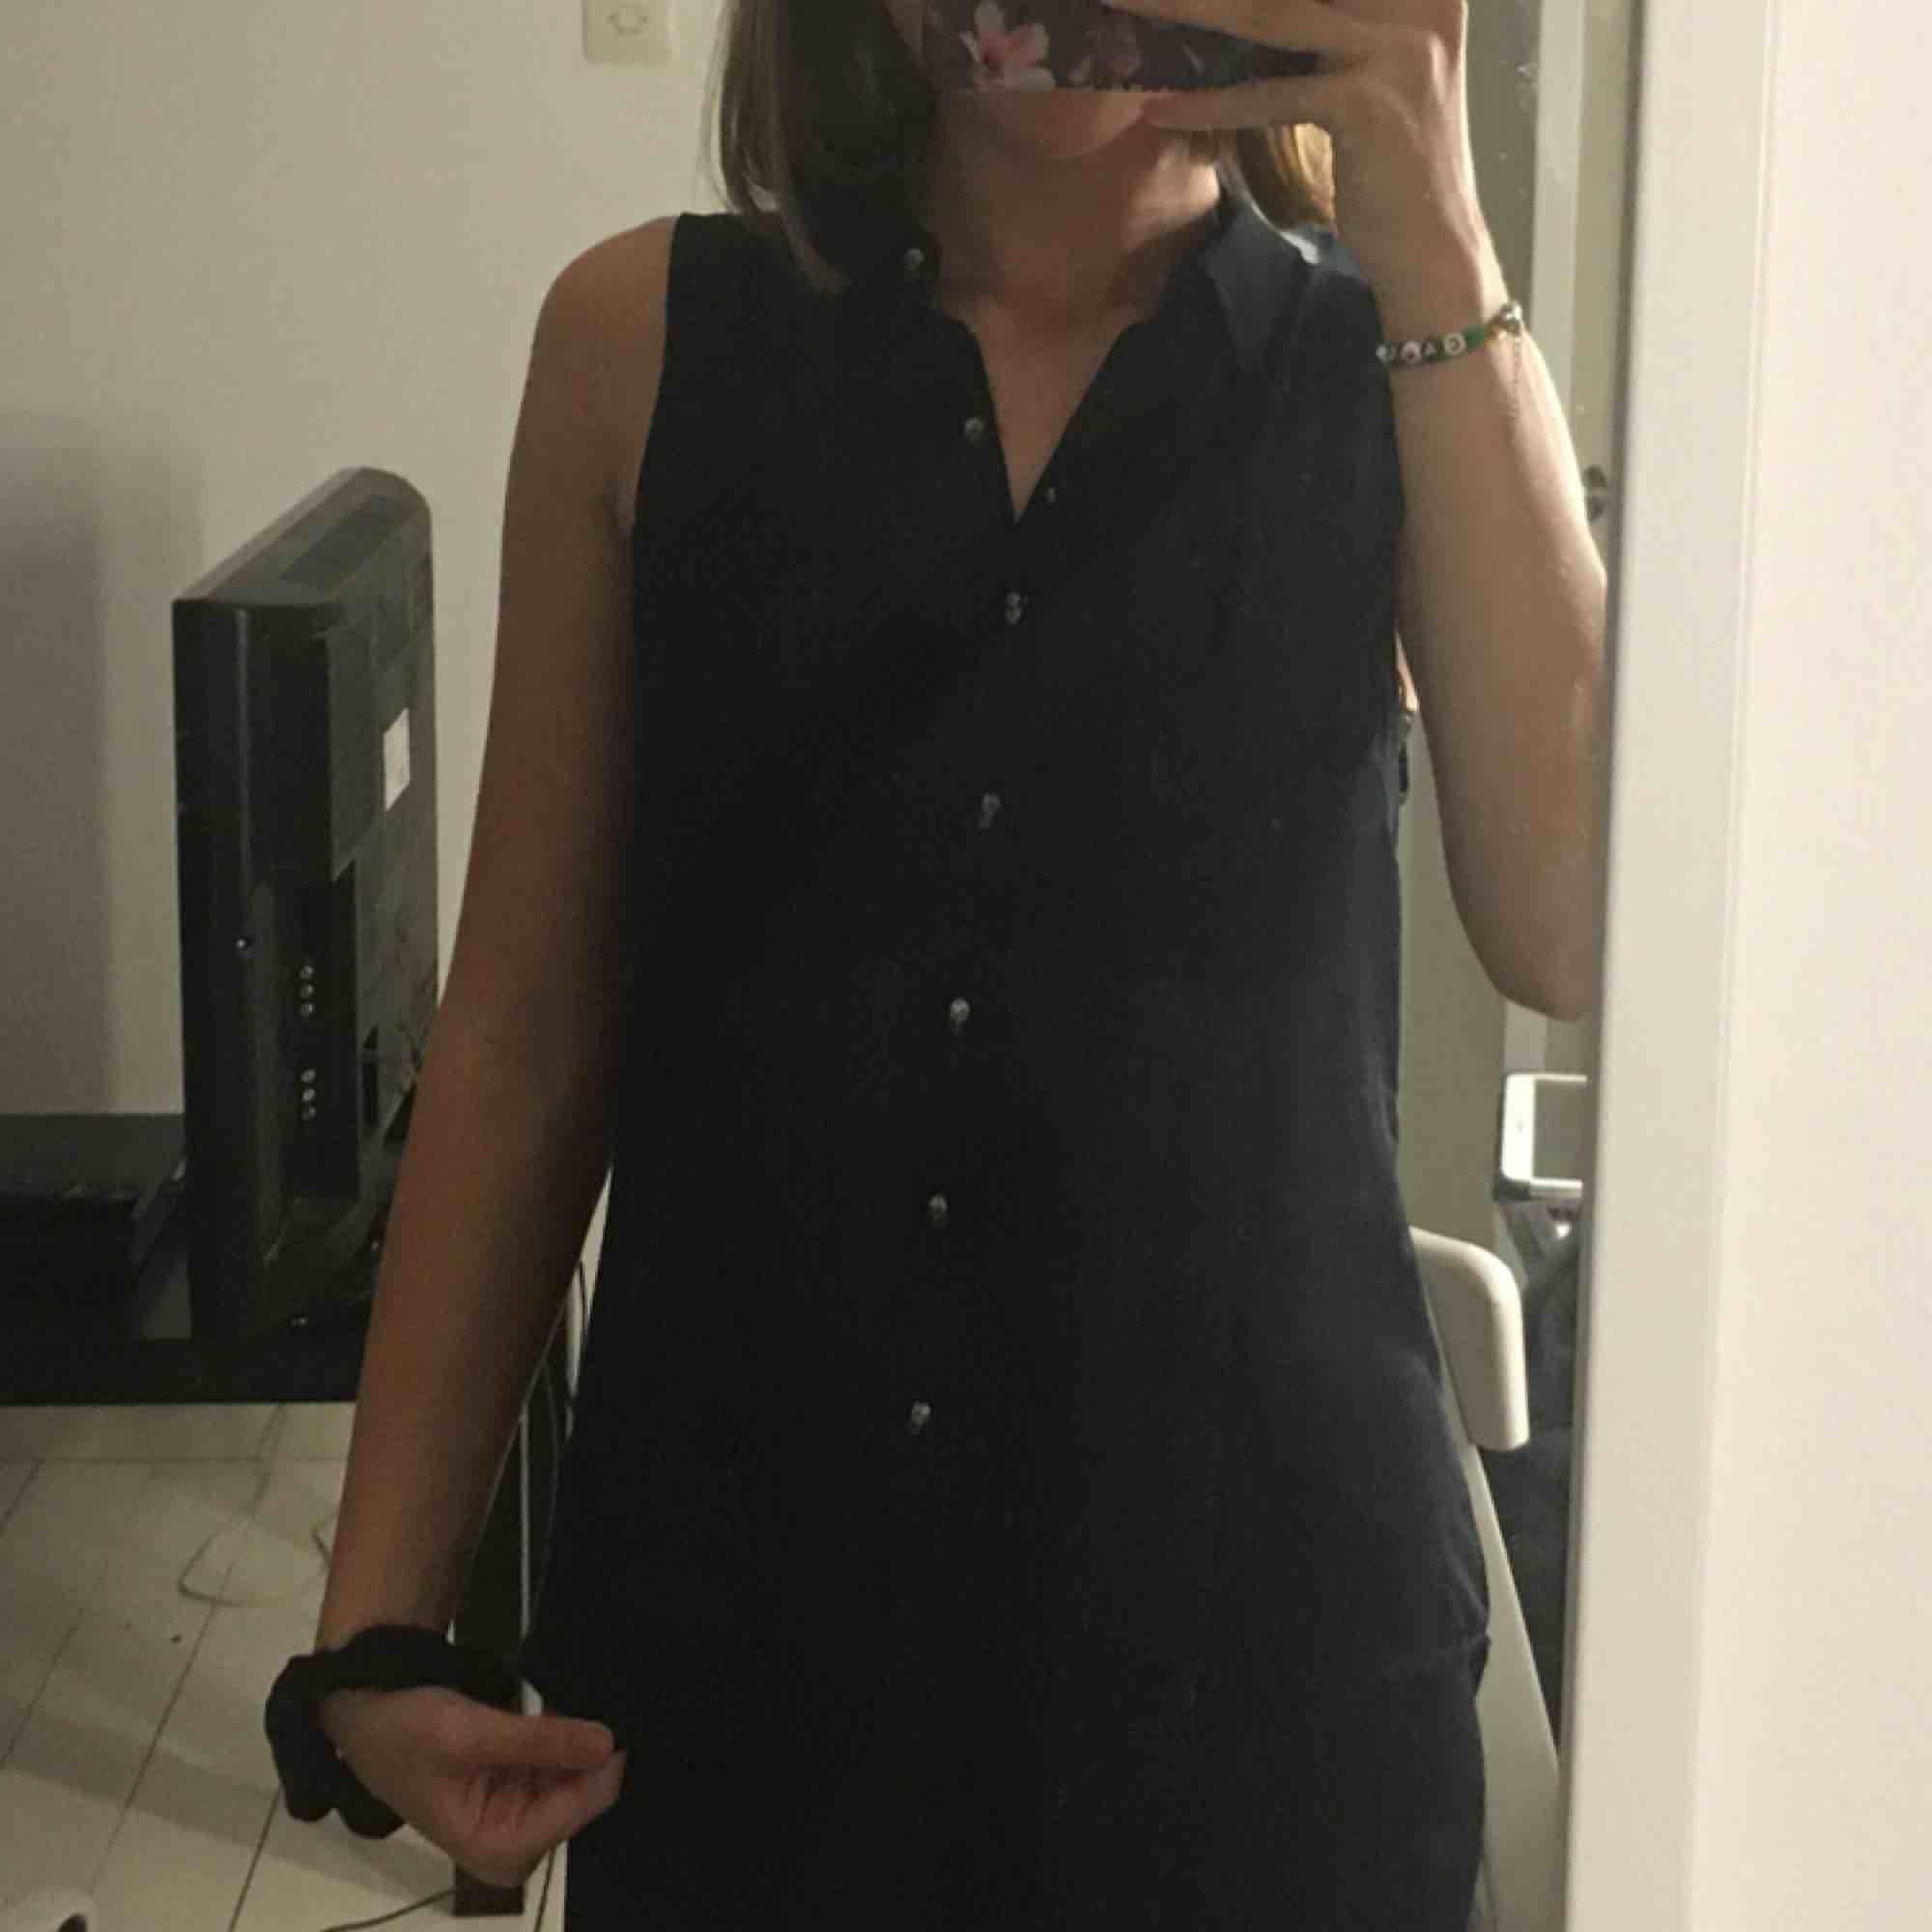 Väldigt snygg skjorta/topp med väldigt coola knappar som föreställer döskallar. Oanvänd men väldigt snygg, säljer pågrund av att det inte riktigt är min stil. . Toppar.